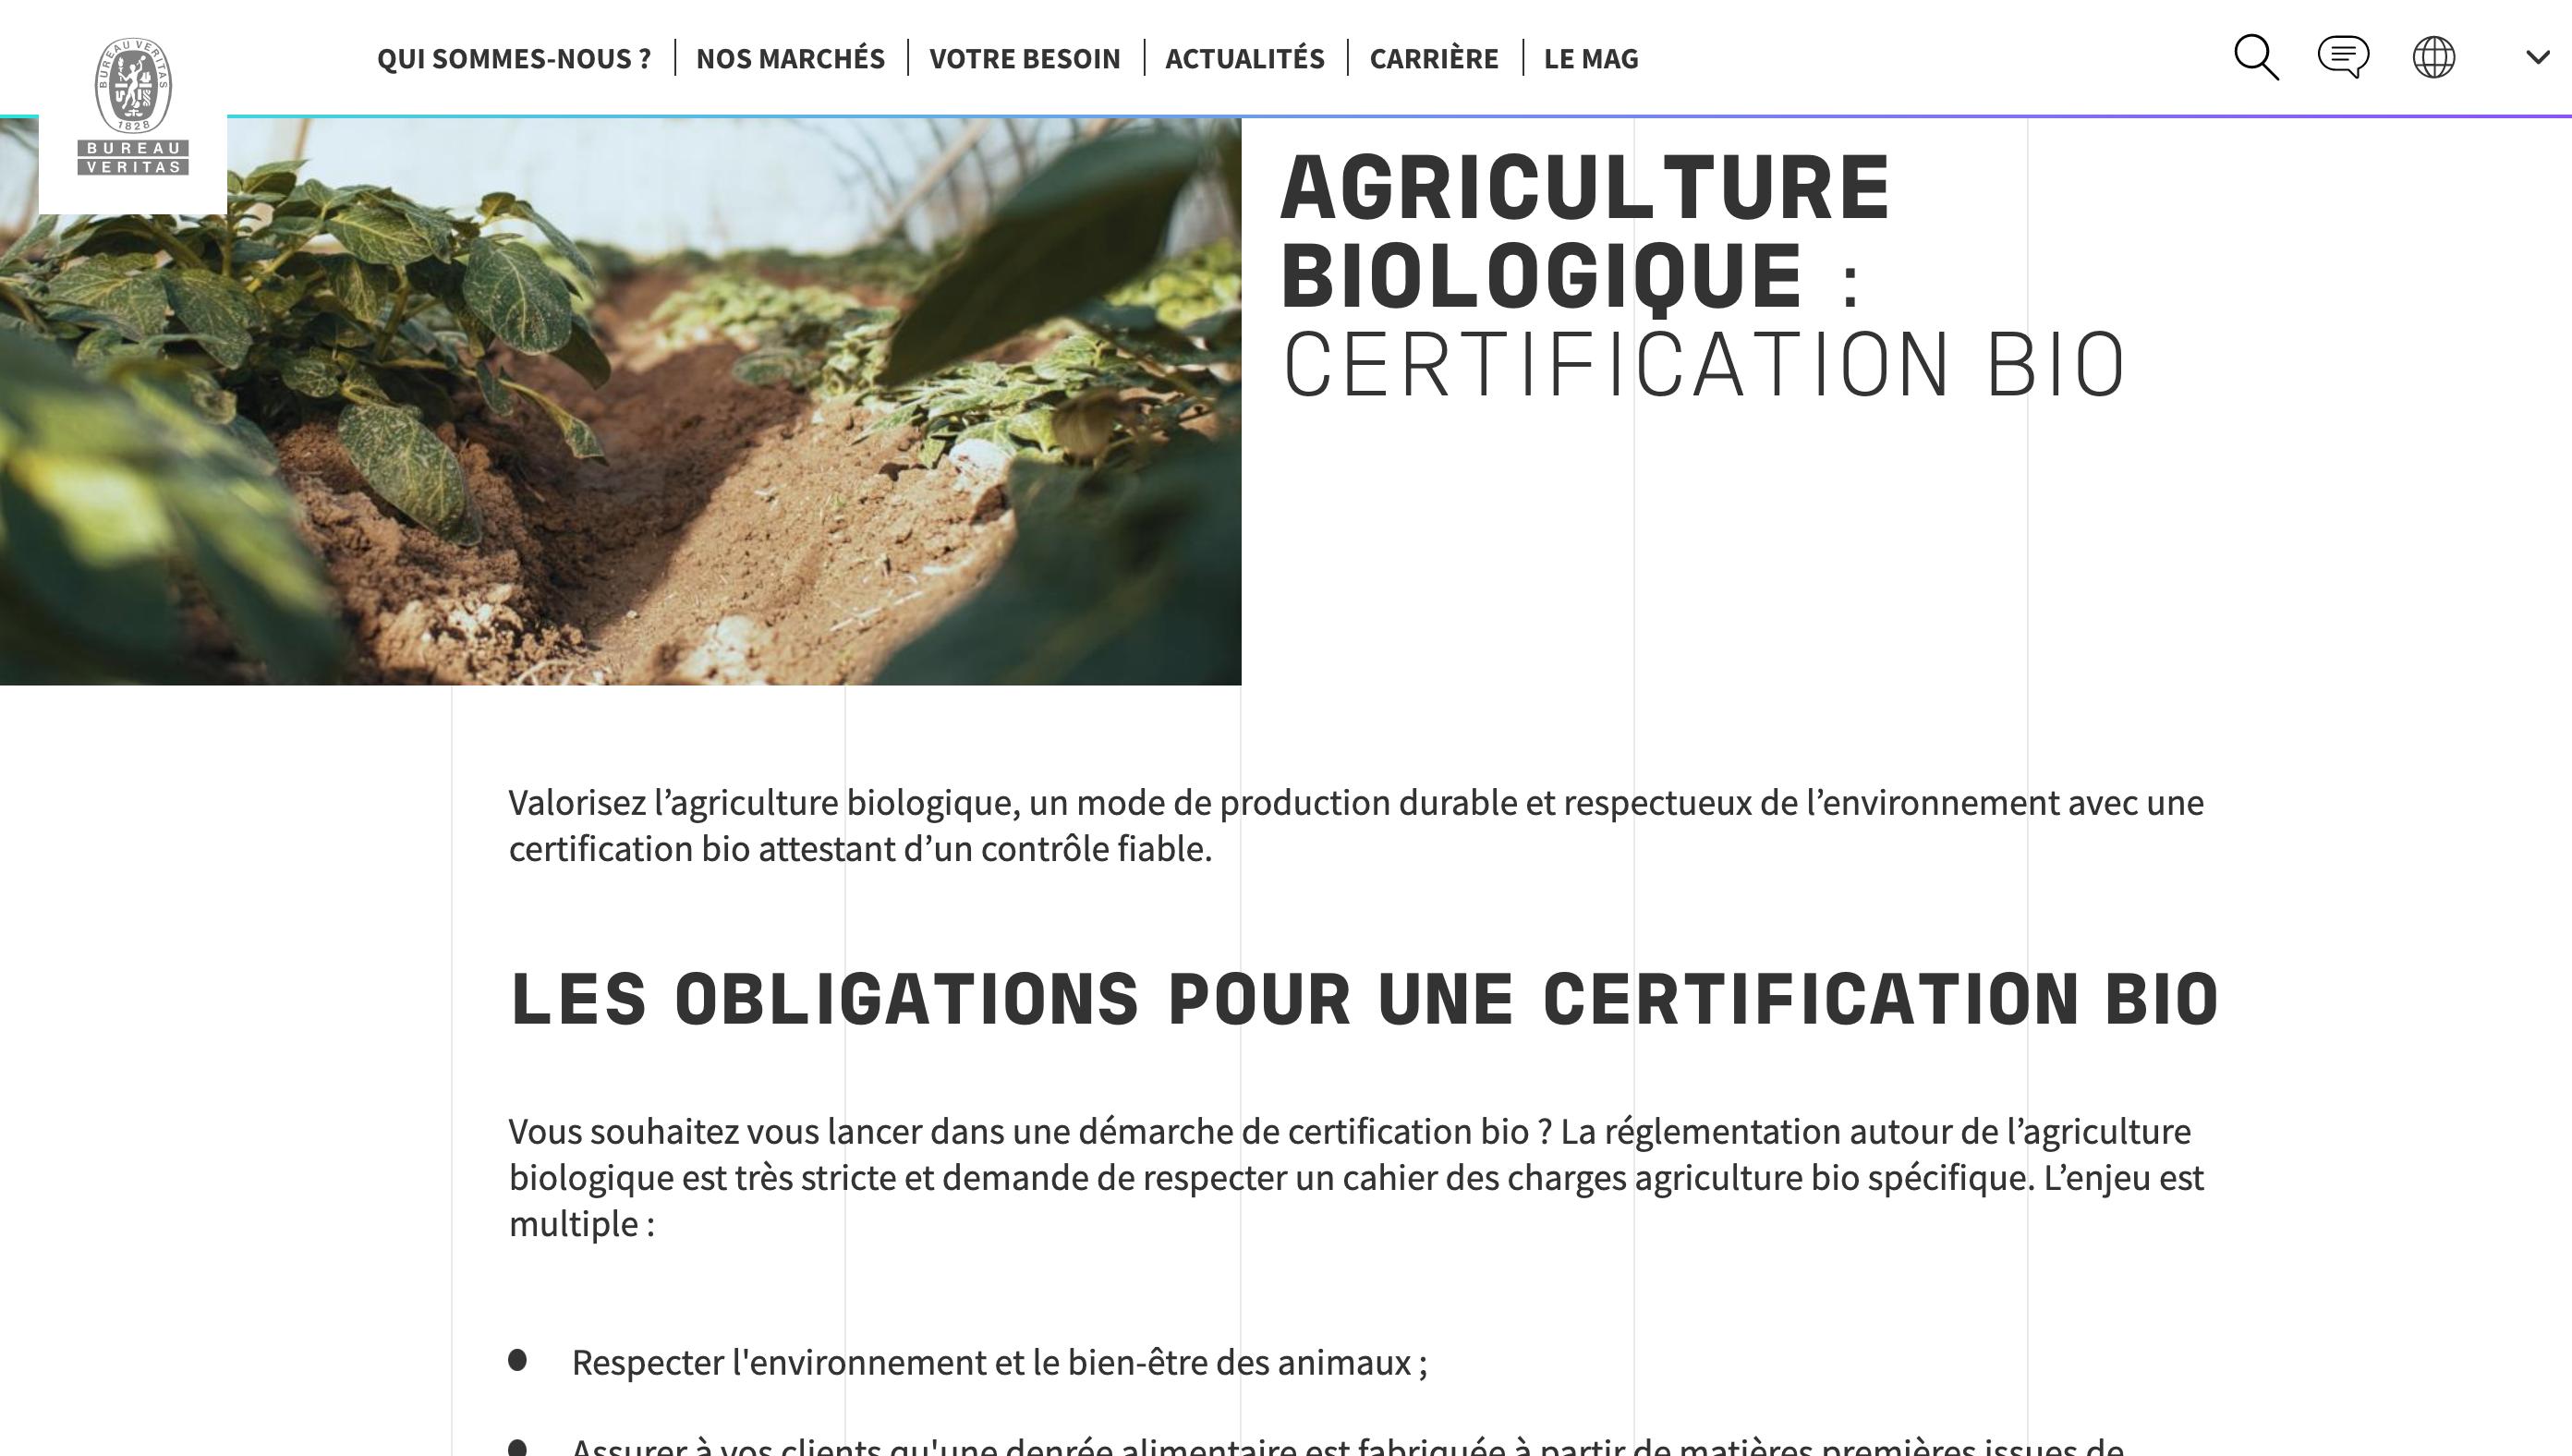 Extrait du référencement naturel de la page sur l'agriculture biologique du site de Bureau Veritas par Digilia